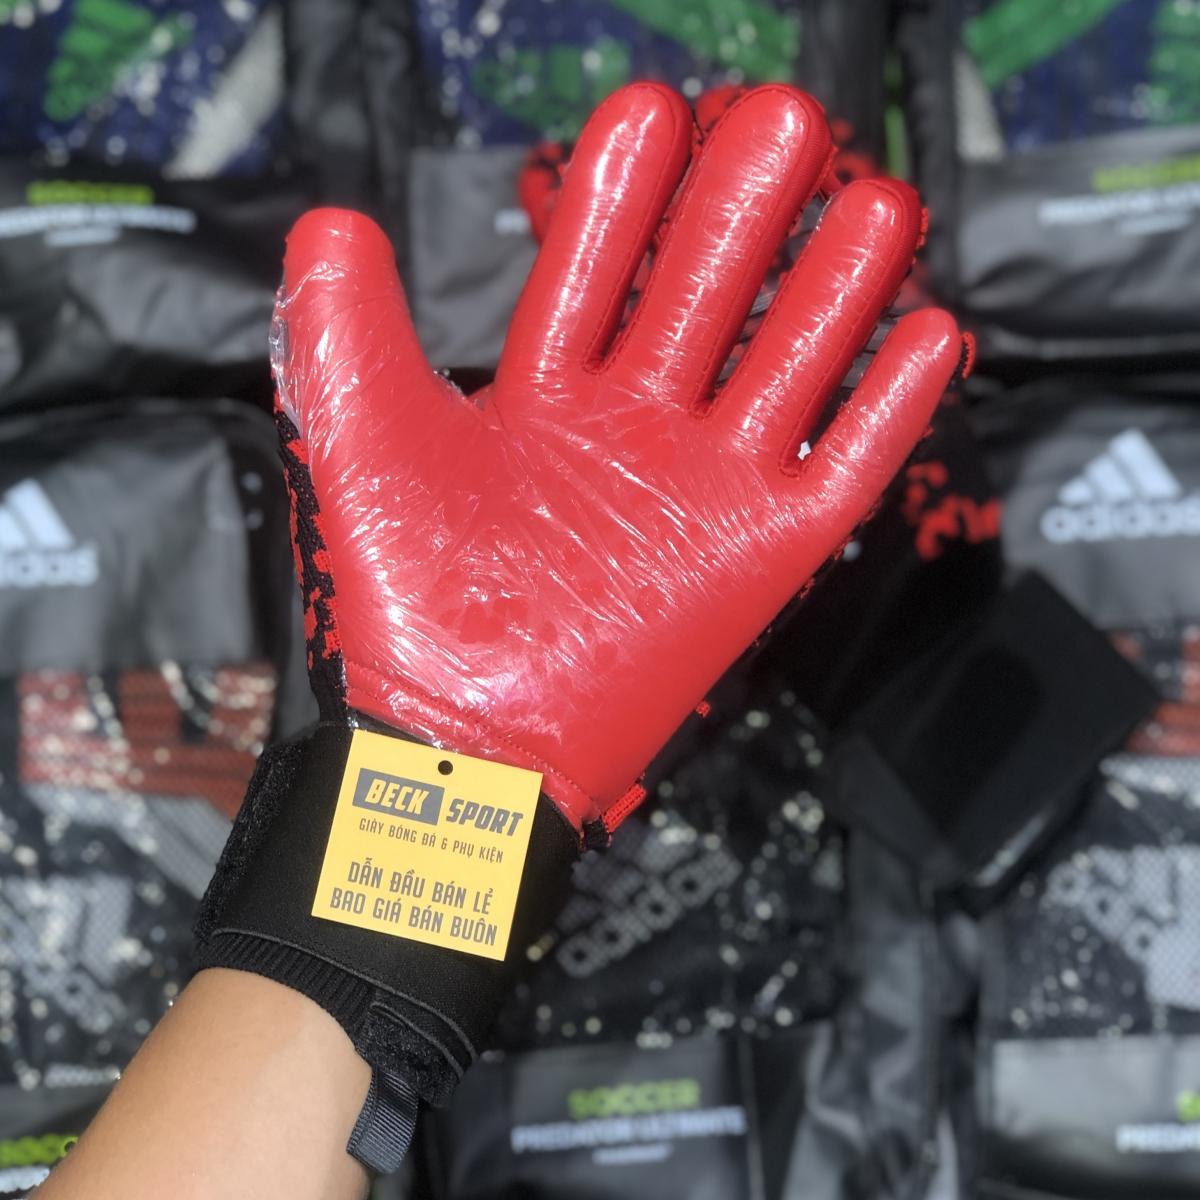 Găng Tay Adidas Predator Pro Đen Đỏ Rằn Ri V2 ( Không Xương )